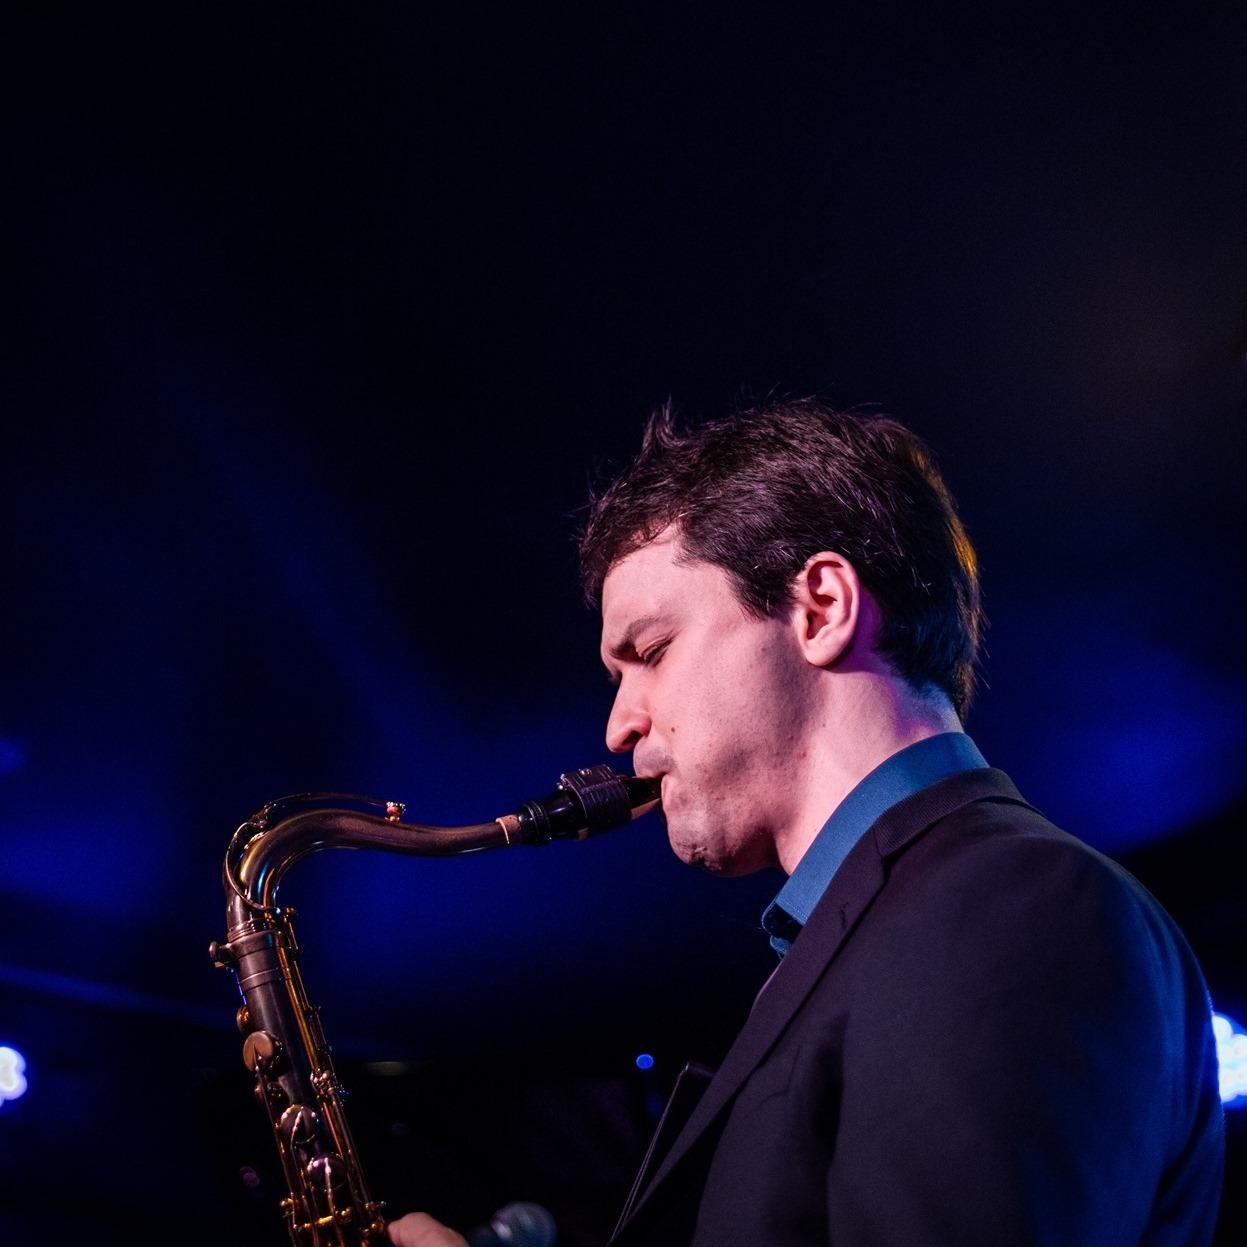 Nick Karpin